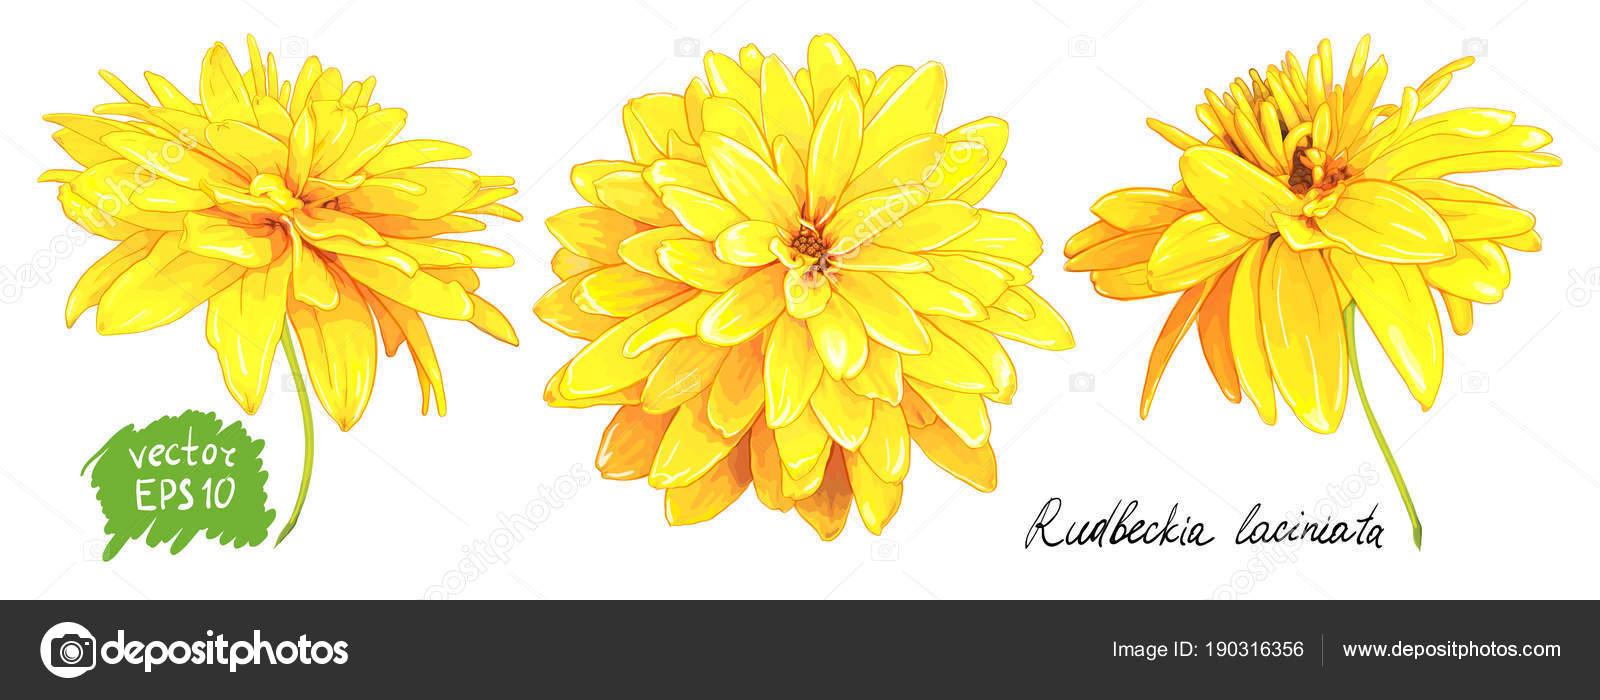 Rudbeckia Laciniata Yellow Flower Stock Vector Ledelena 190316356